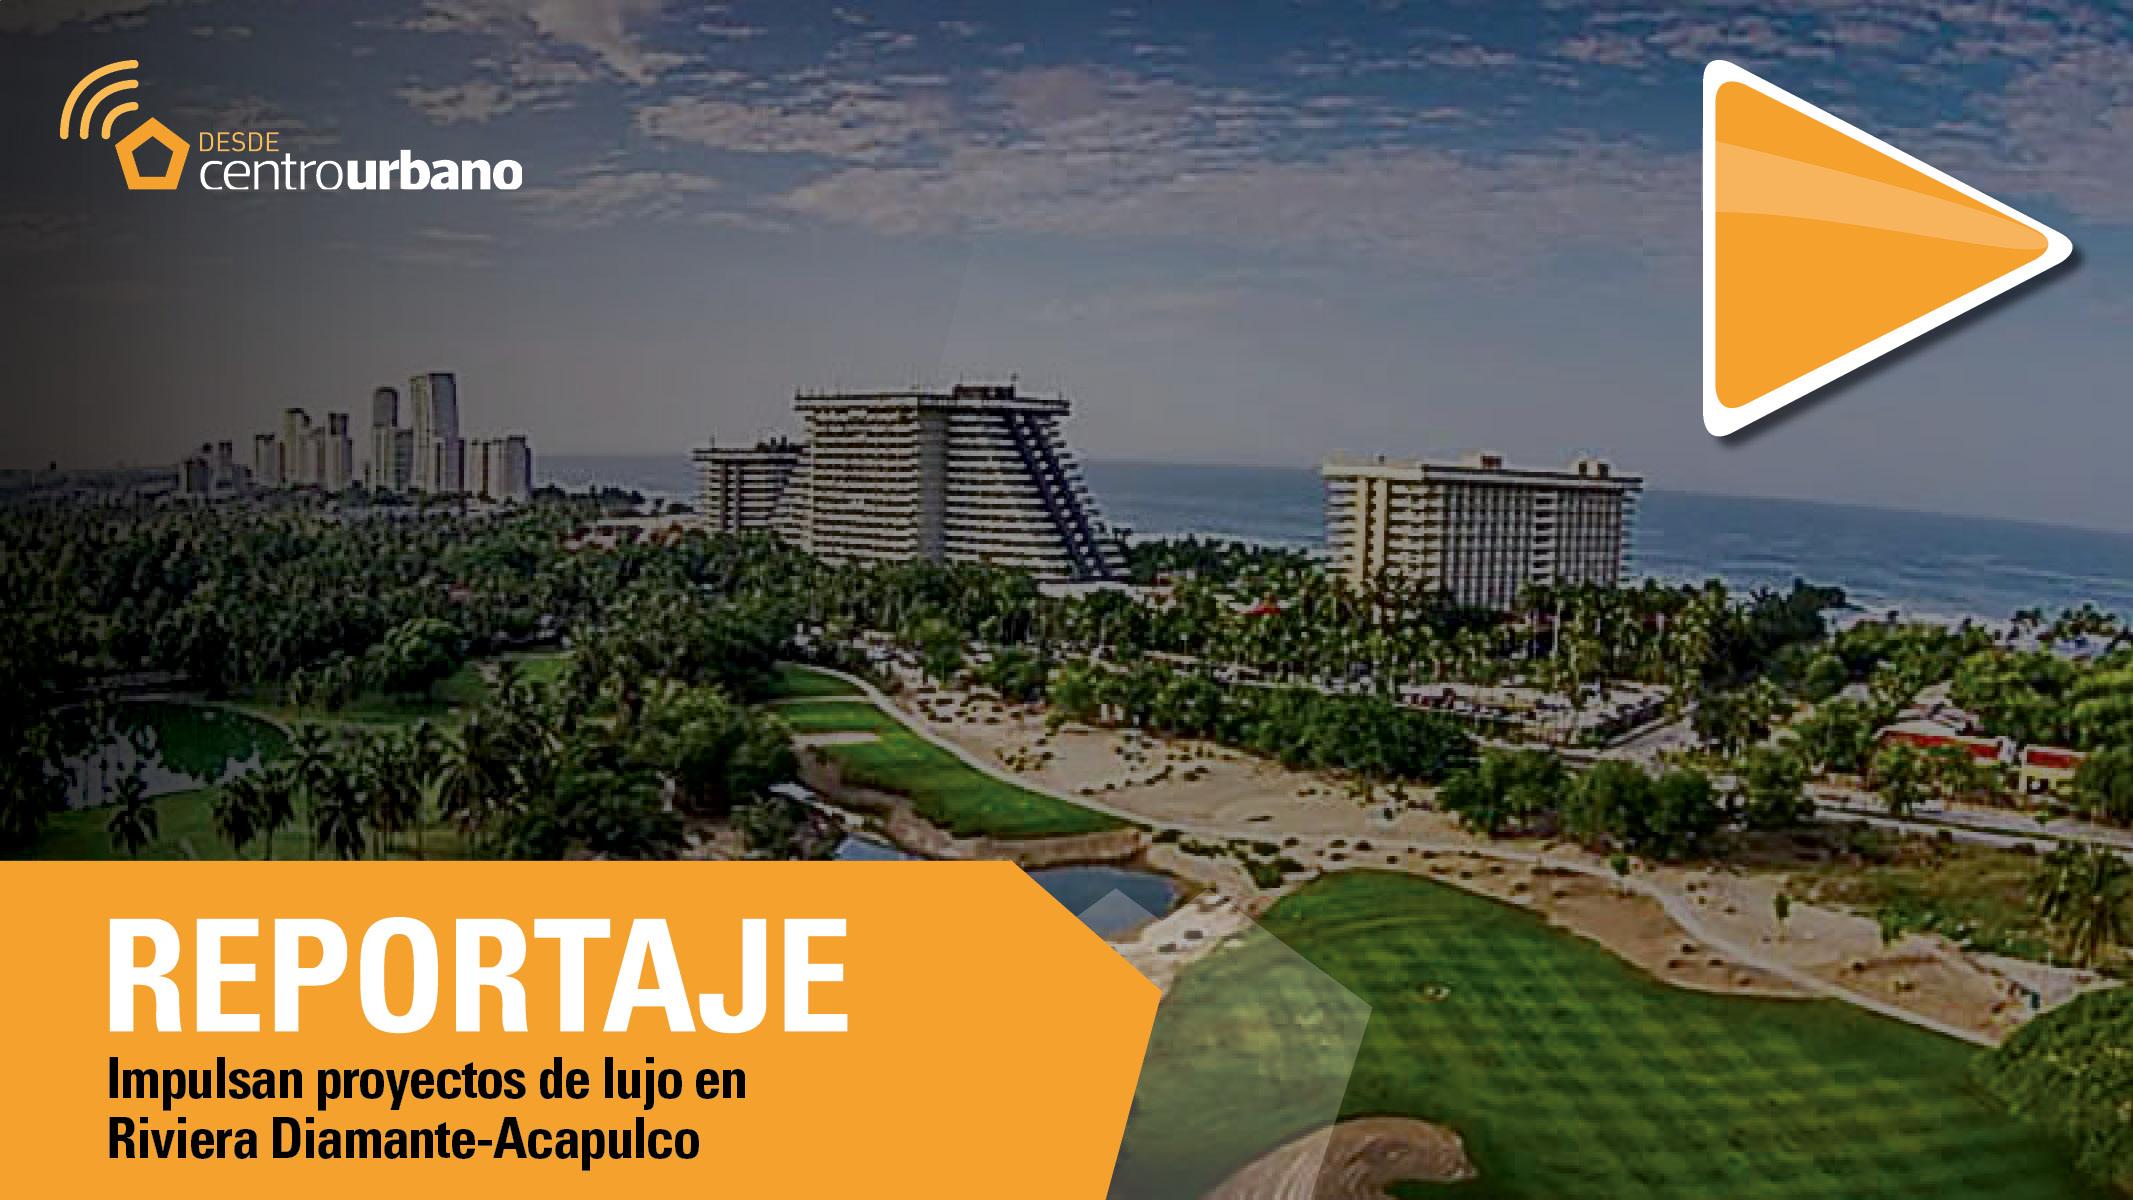 ▶️Video | Impulsan proyectos de lujo en Riviera Diamante-Acapulco